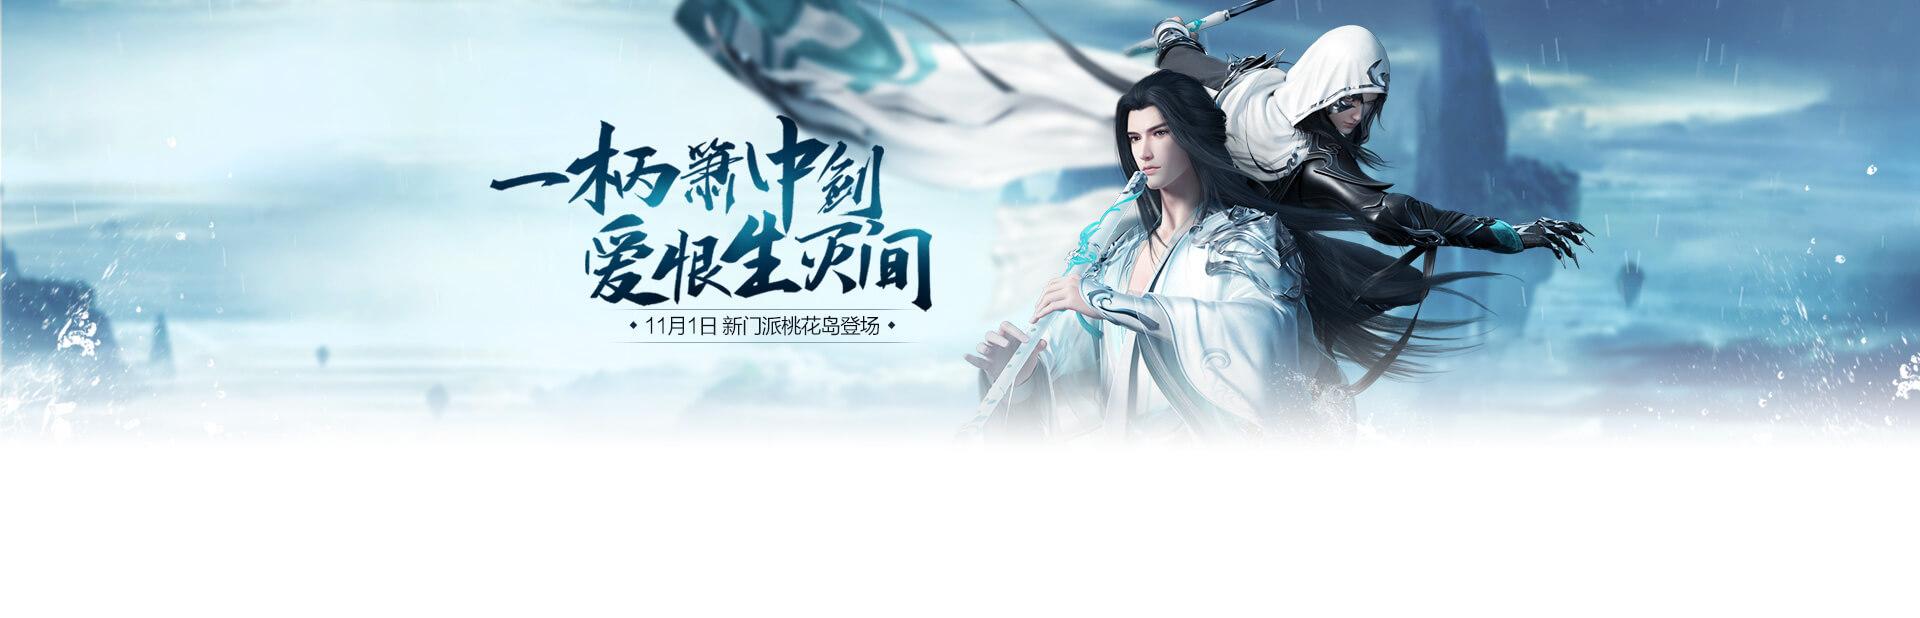 《新天龙八部》官网